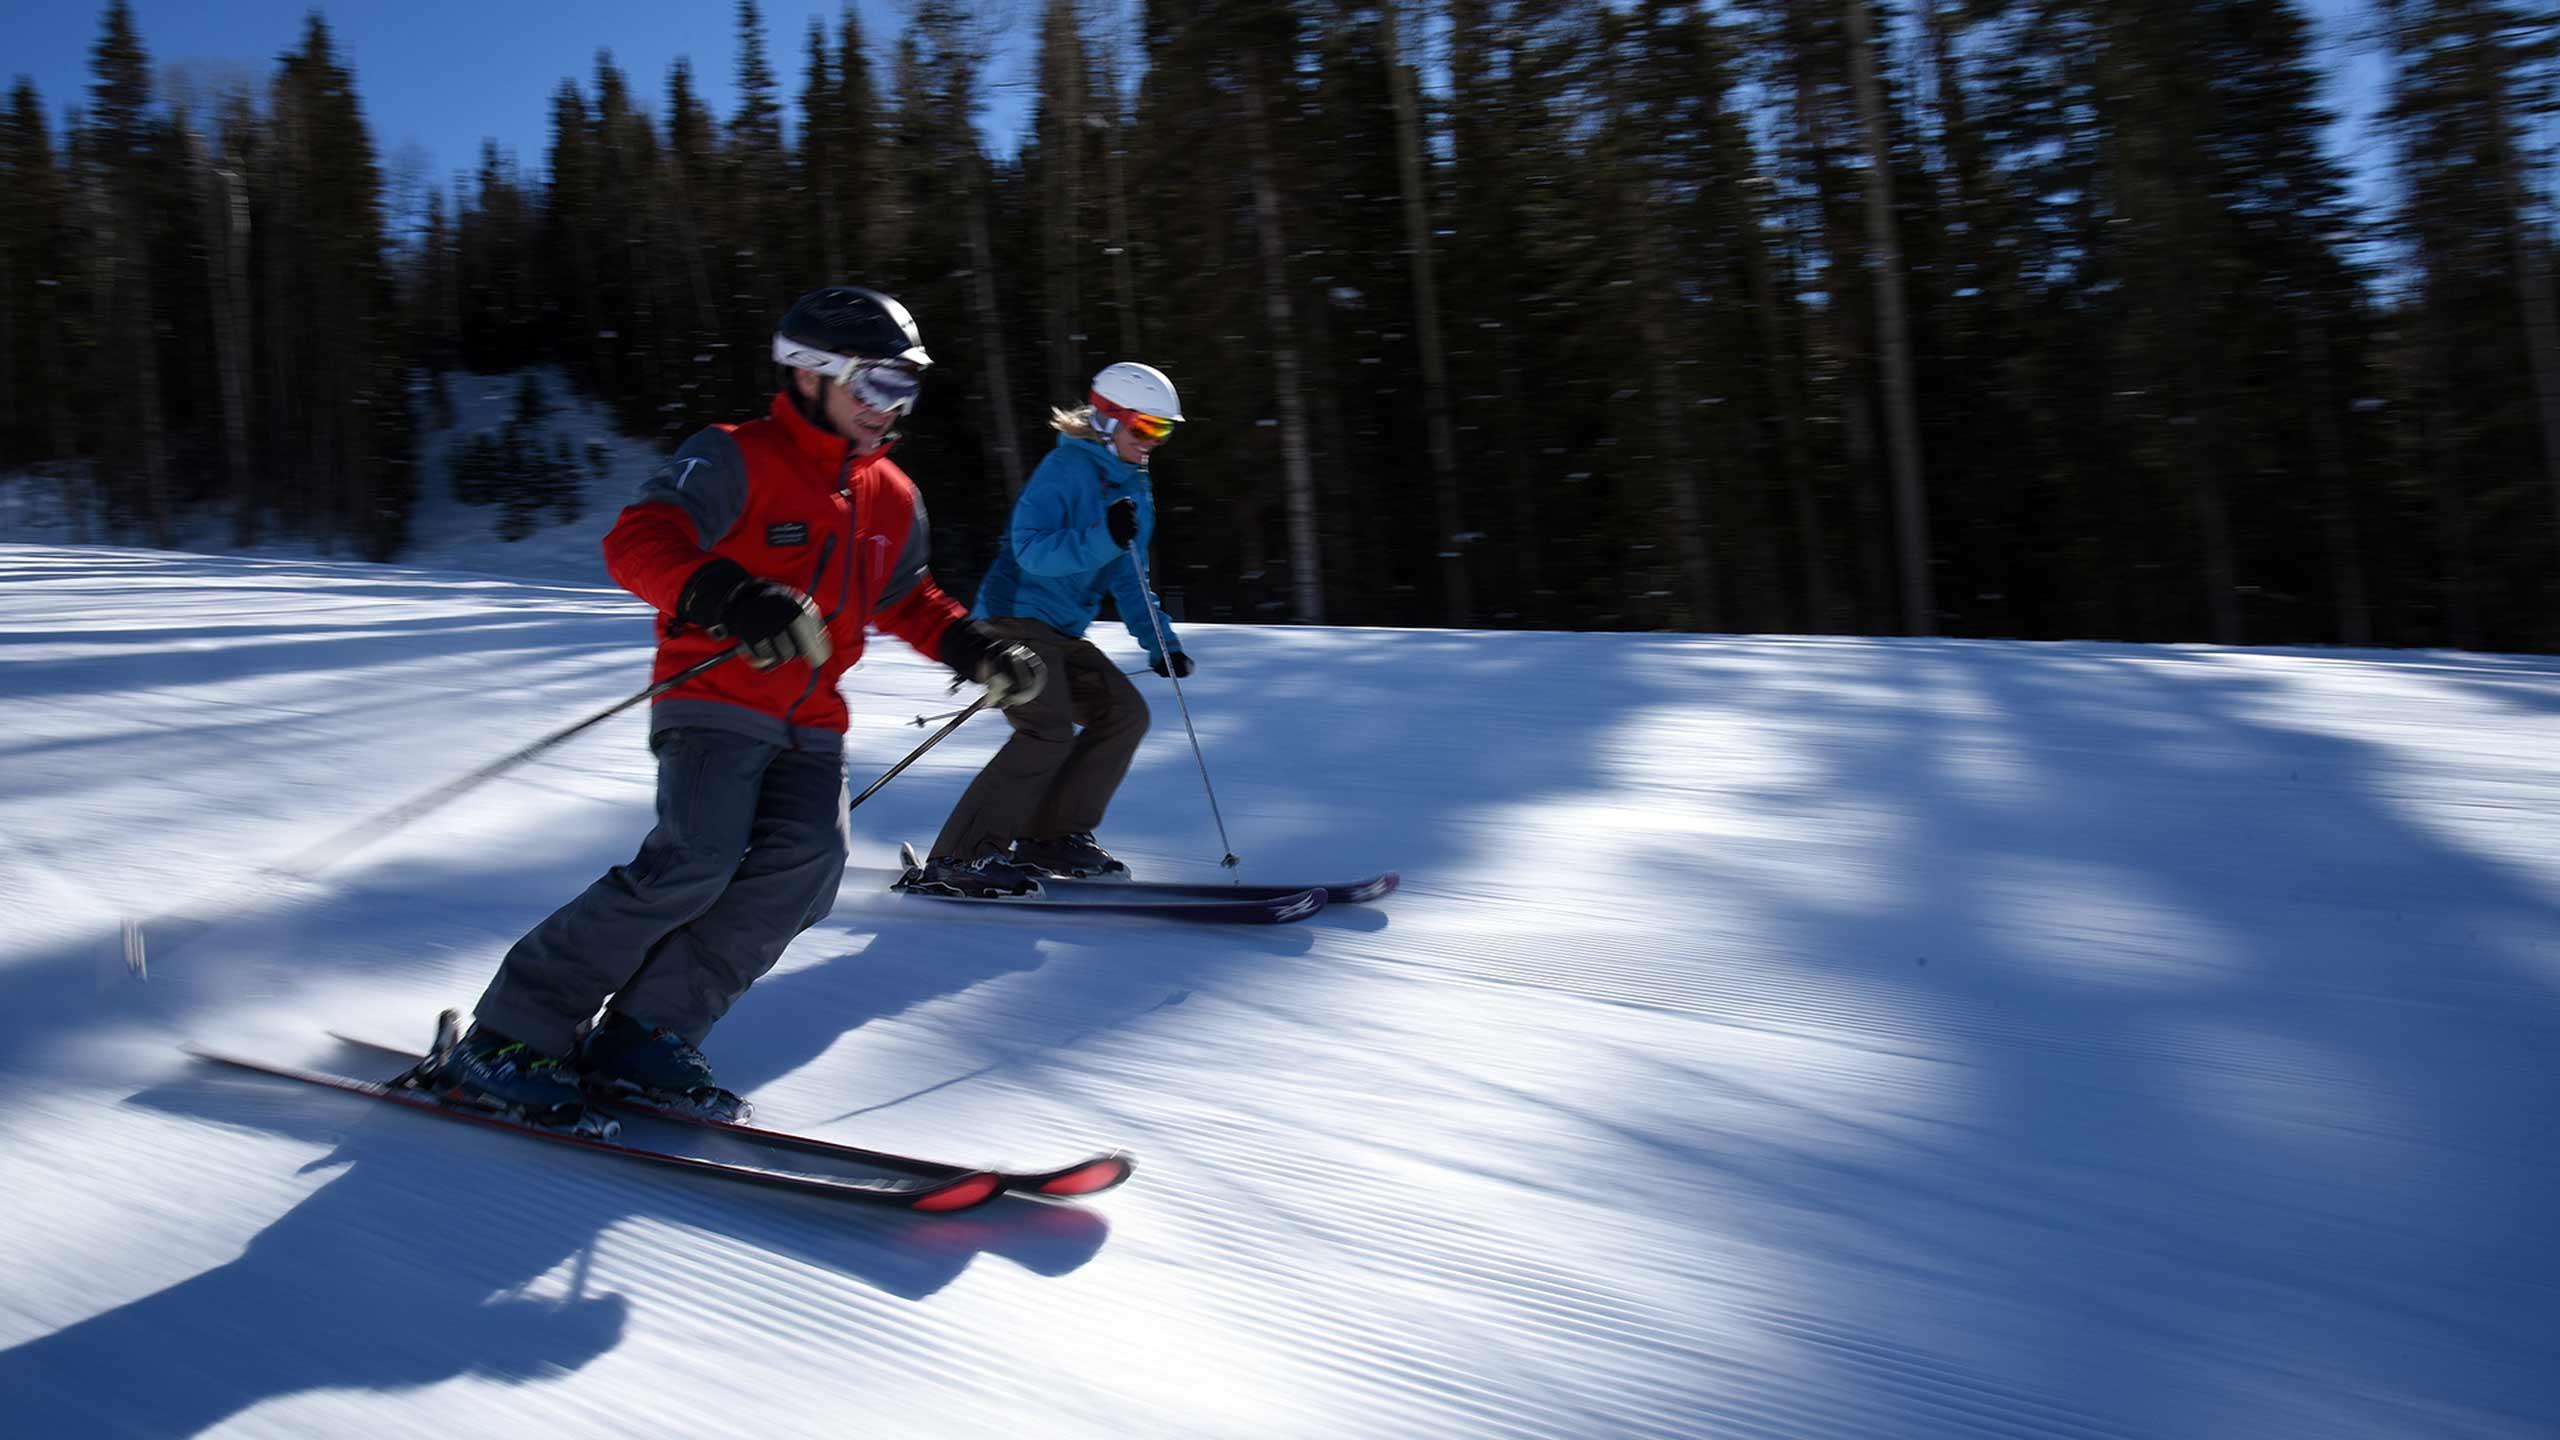 Ski Biomechanics